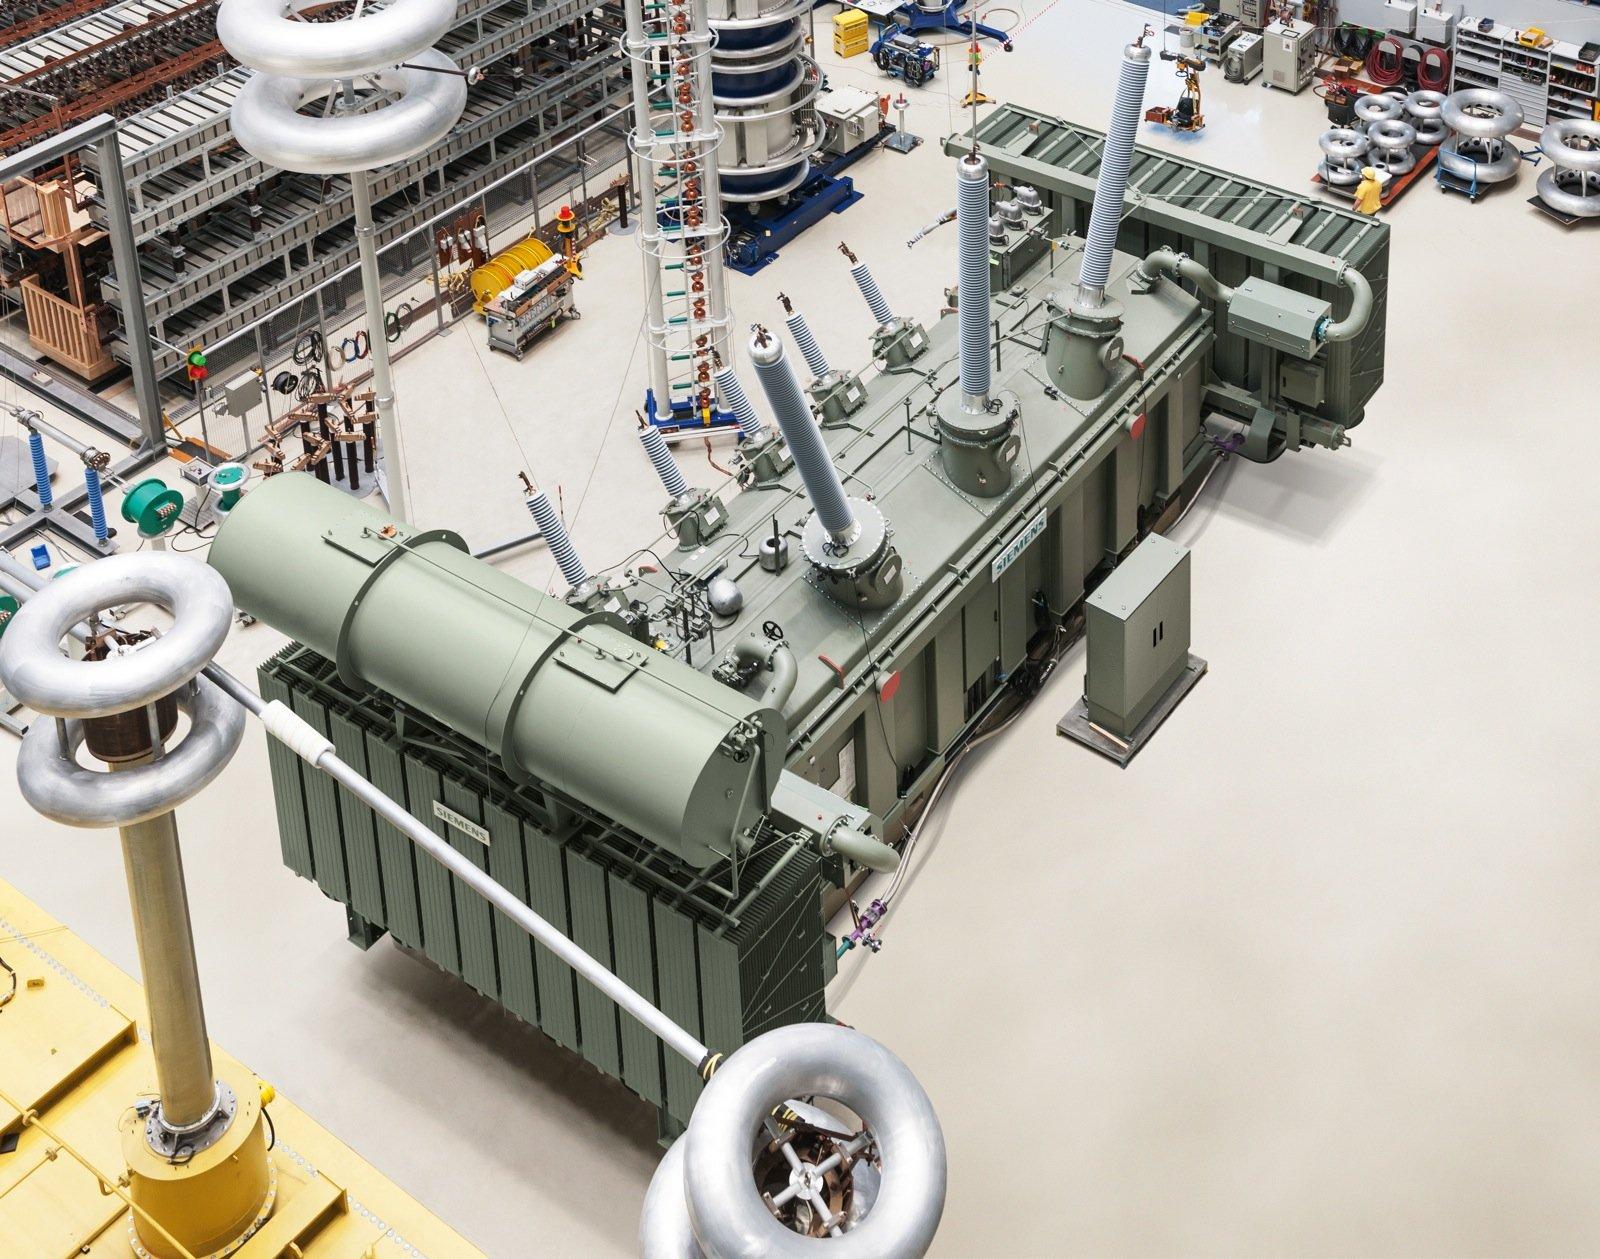 Normalerweise werden Transformatoren mit Mineral- oder Silikonölen gekühlt und isoliert. Pflanzenöle sind im Vergleich umweltfreundlicher und schwerer brennbar. Bisher hat Siemens die Pflanzenöl-Isolierung in Leistungstransformatoren mit bis zu 123 Kilovolt (kV) Spannung eingesetzt. Der neue Transformator ist für 420 kV ausgelegt.